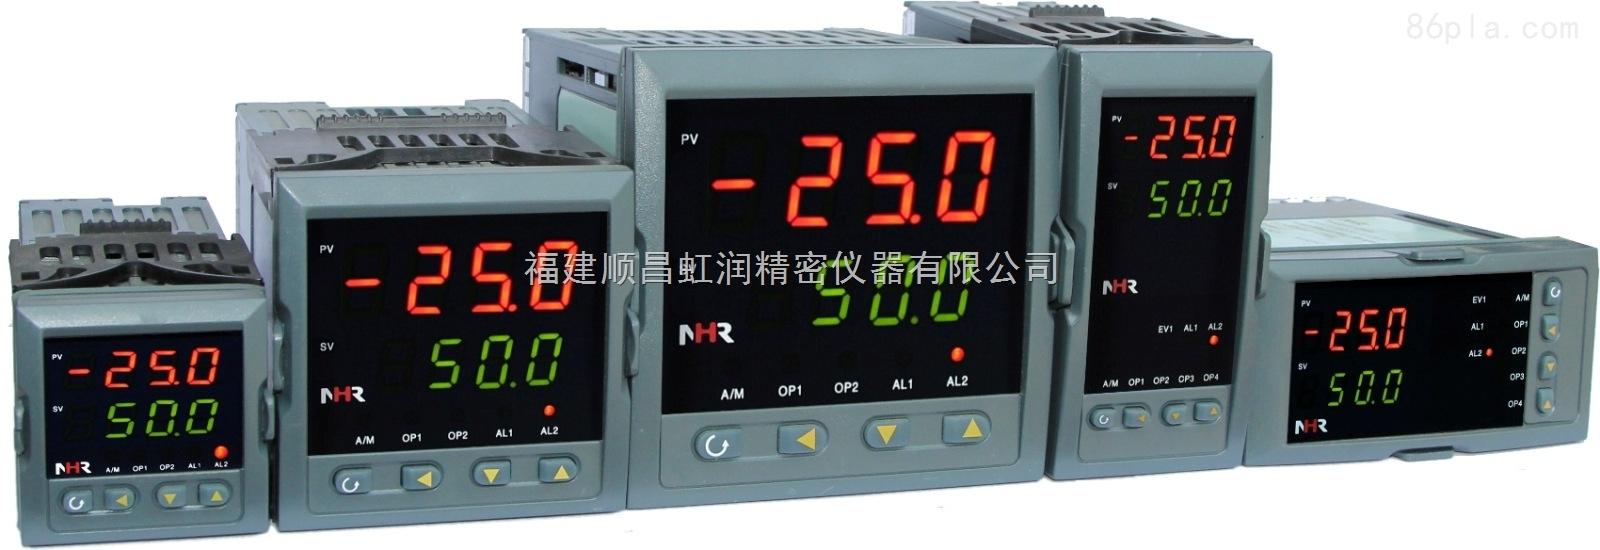 虹润推出NHR5500系列手动操作器